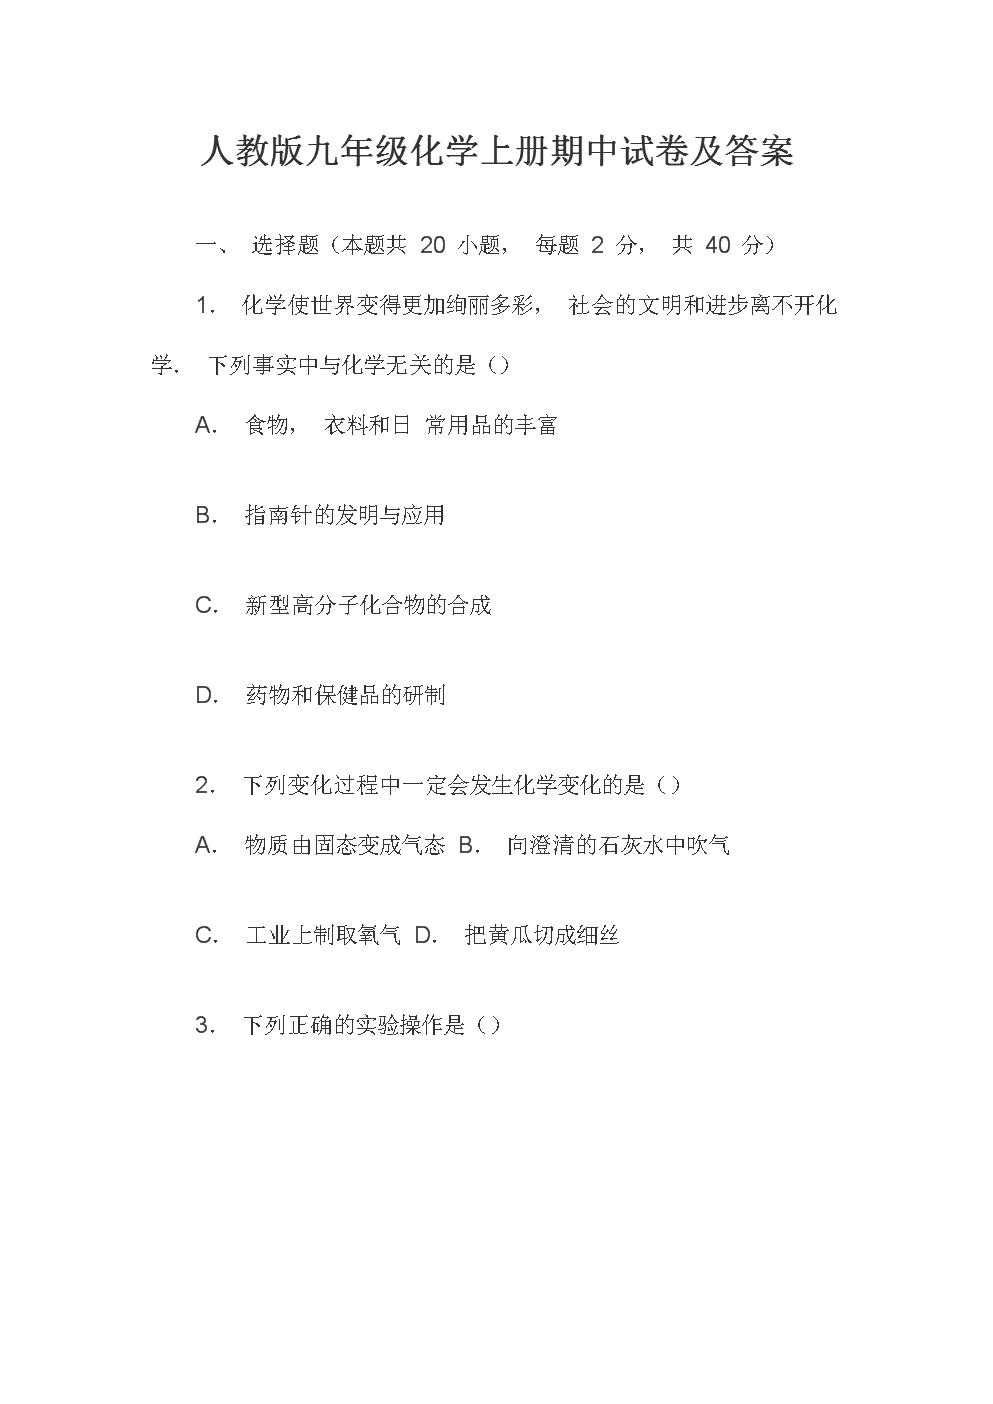 人教版九年级化学上册期中试卷及答案.docx